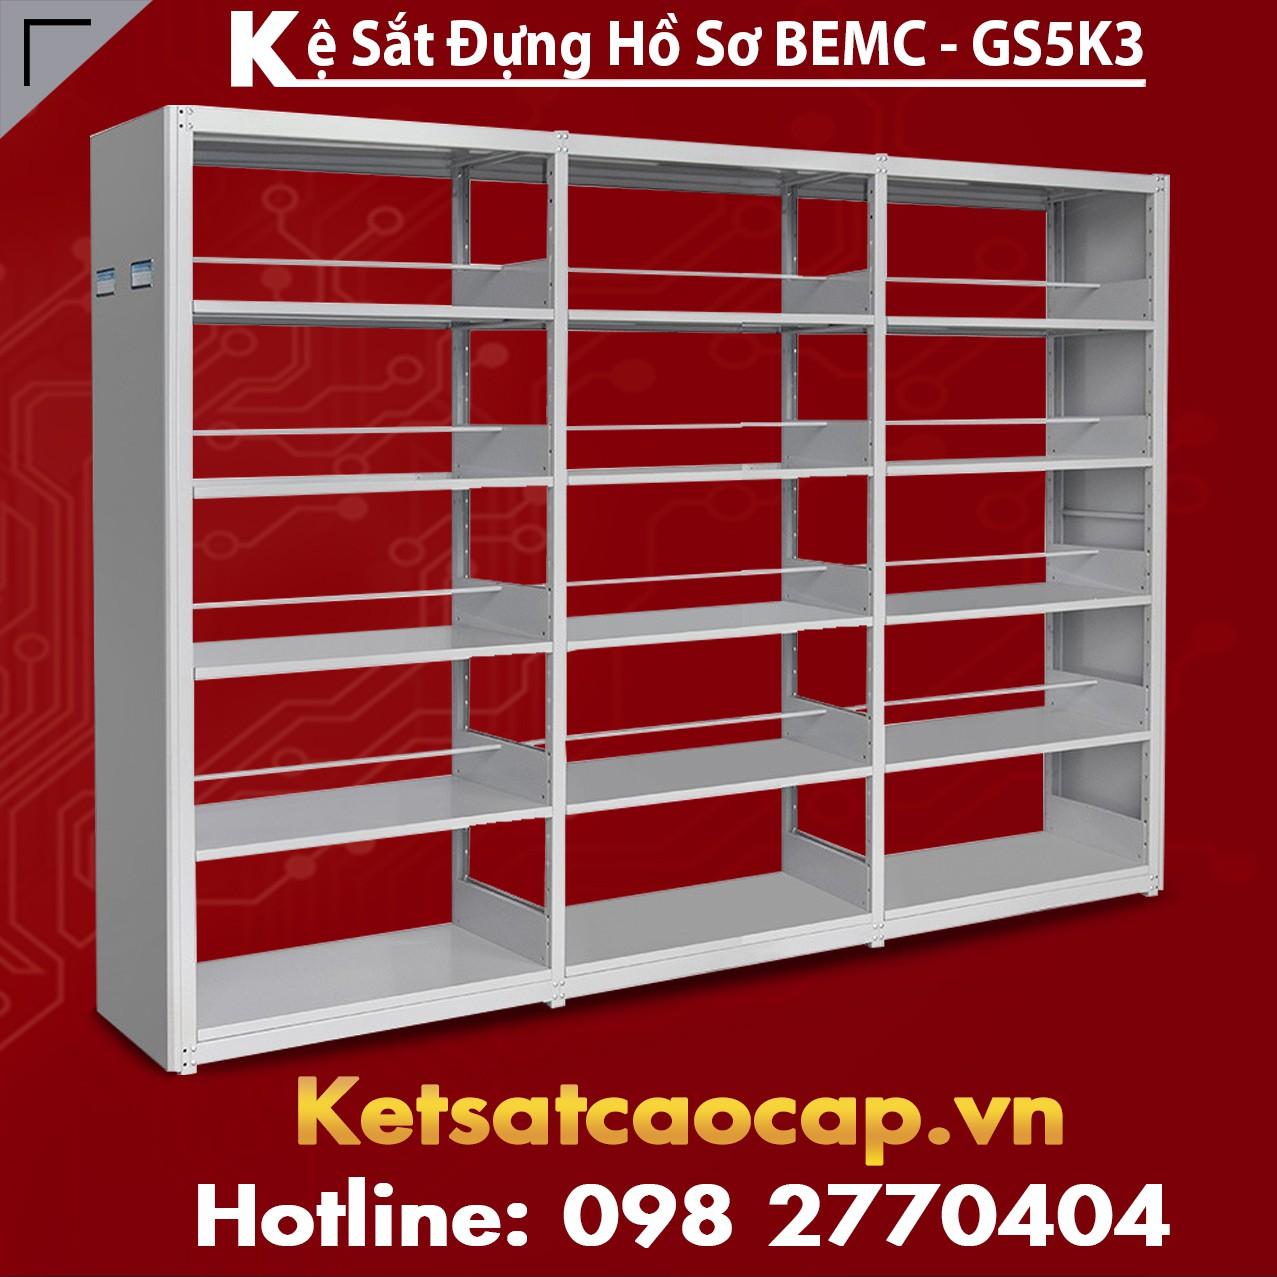 Kệ Sắt BEMC-GS5K3